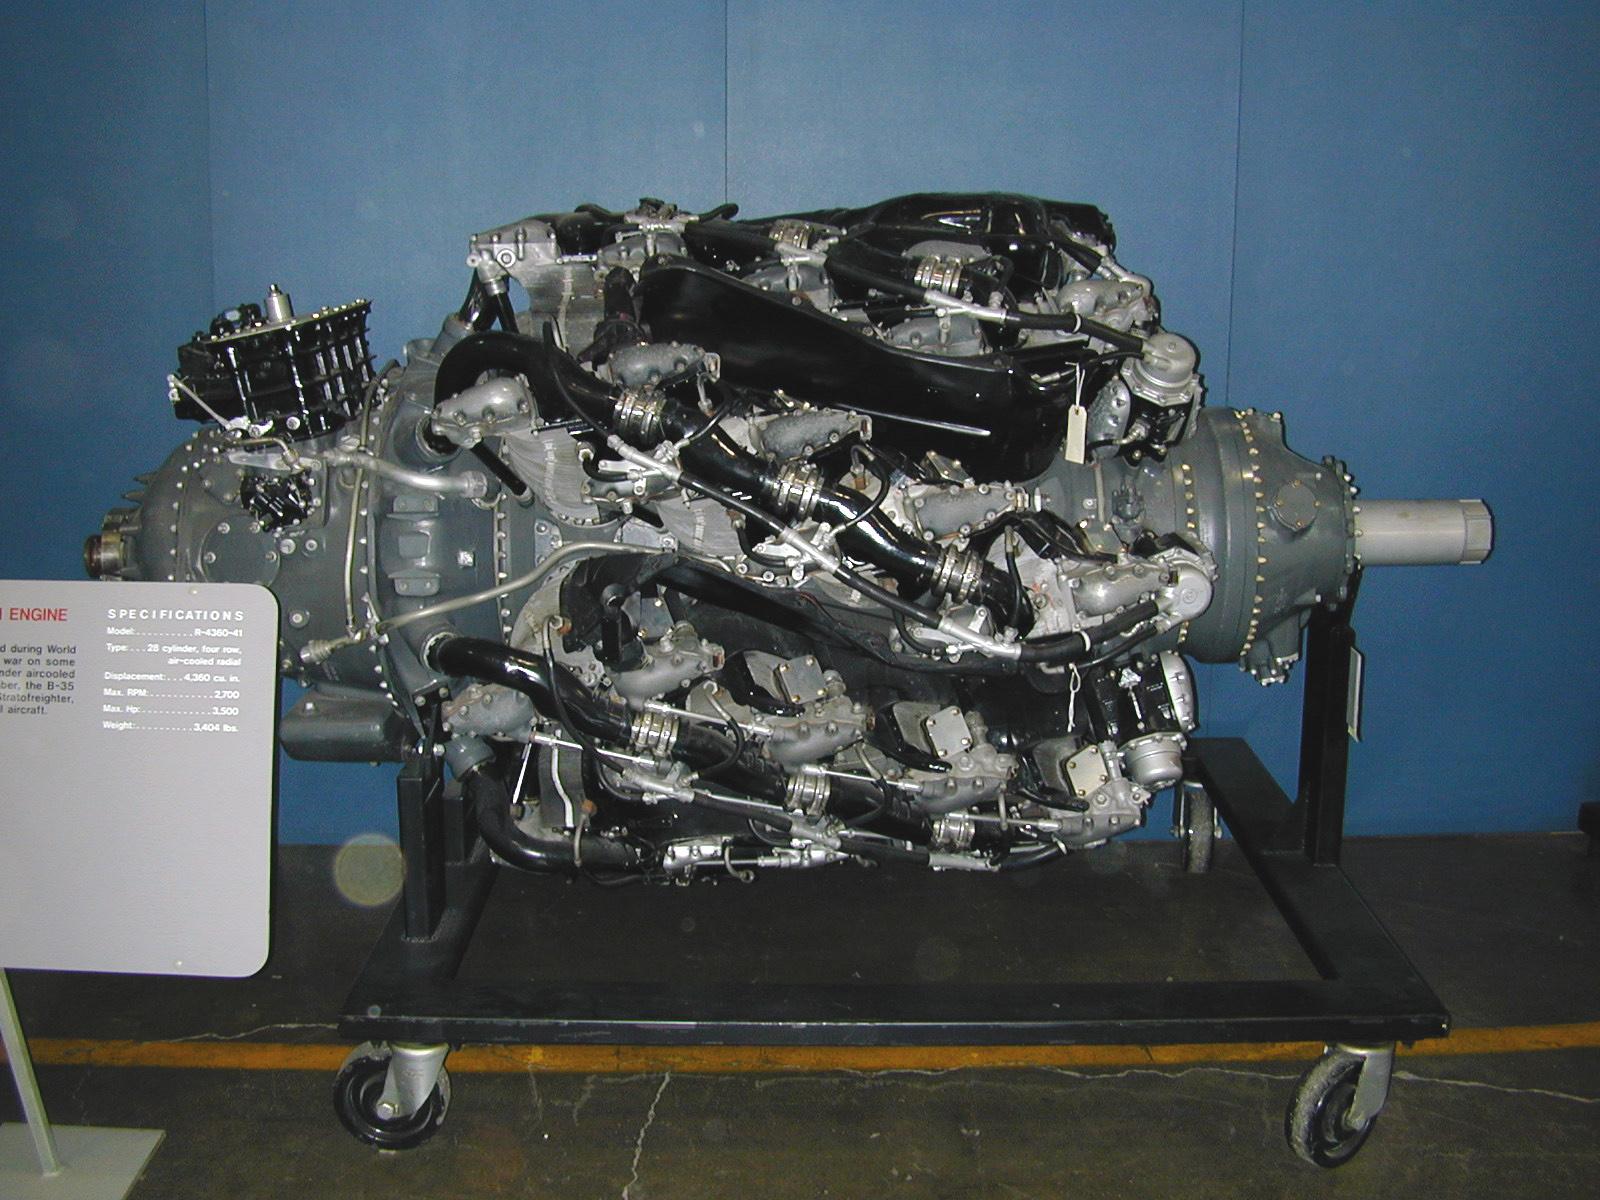 Cultura Aeronáutica: Pratt & Whitney R4360: um gigantesco ...